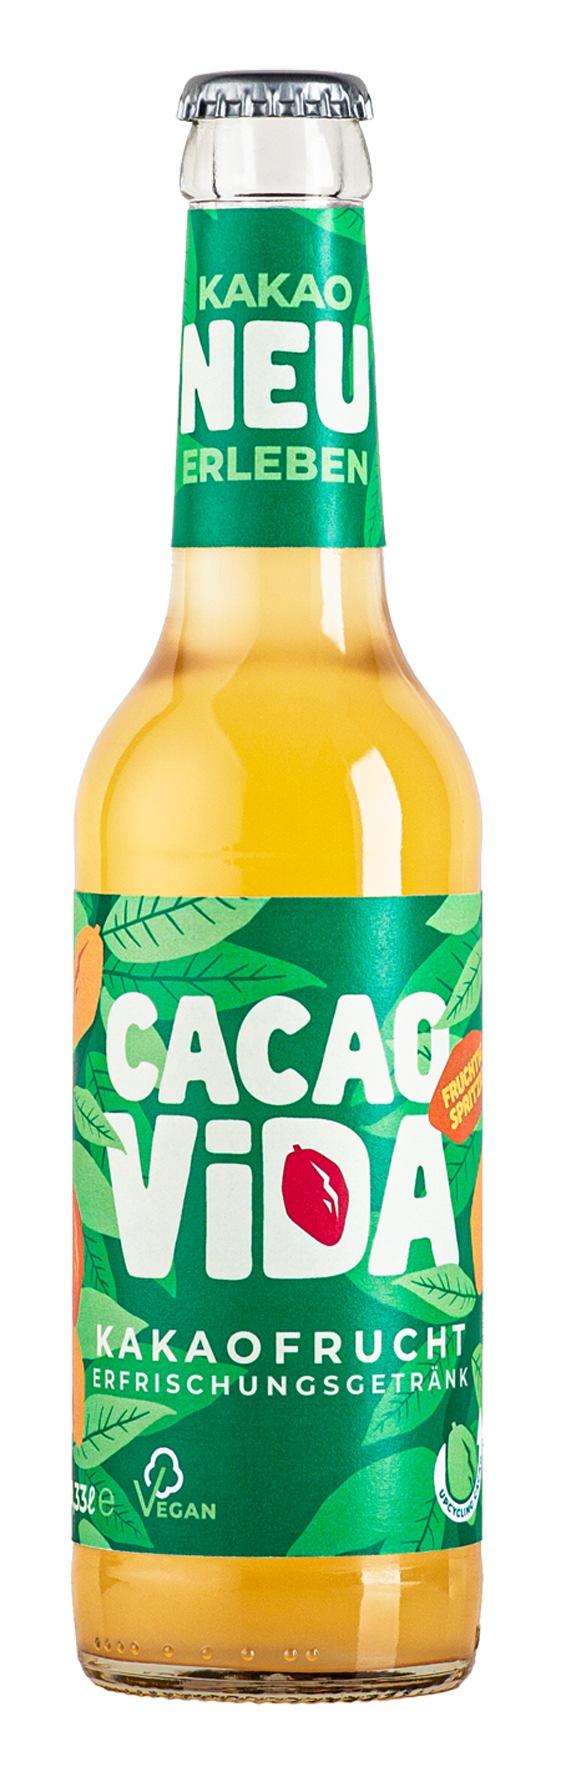 CacaoVida I - Wie kakaofruchtig ist das denn? / CacaoVida: das spritzige Kakaofrucht-Erfrischungsgetränk für den Sommer